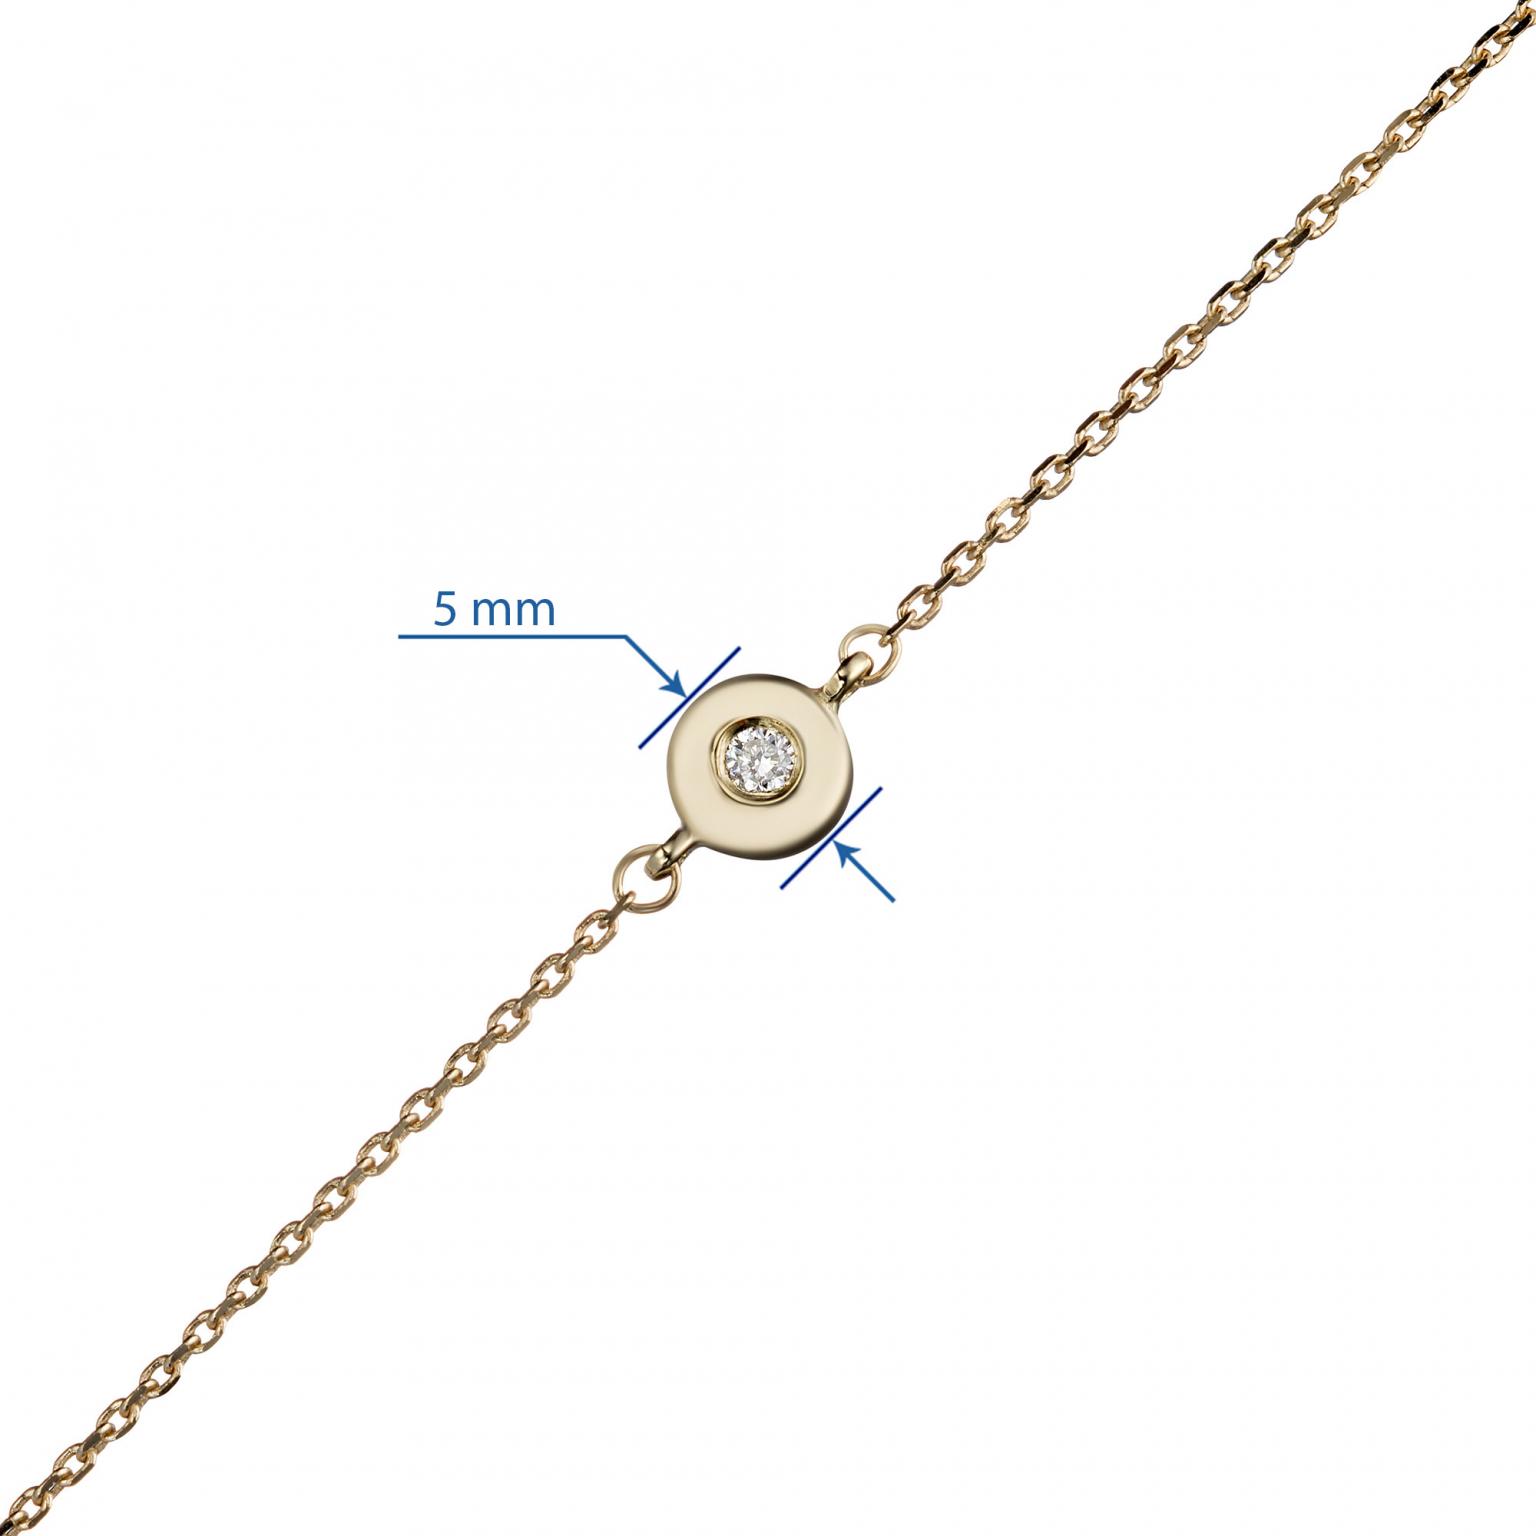 Браслет из желтого золота с бриллиантом э0301бр03201030